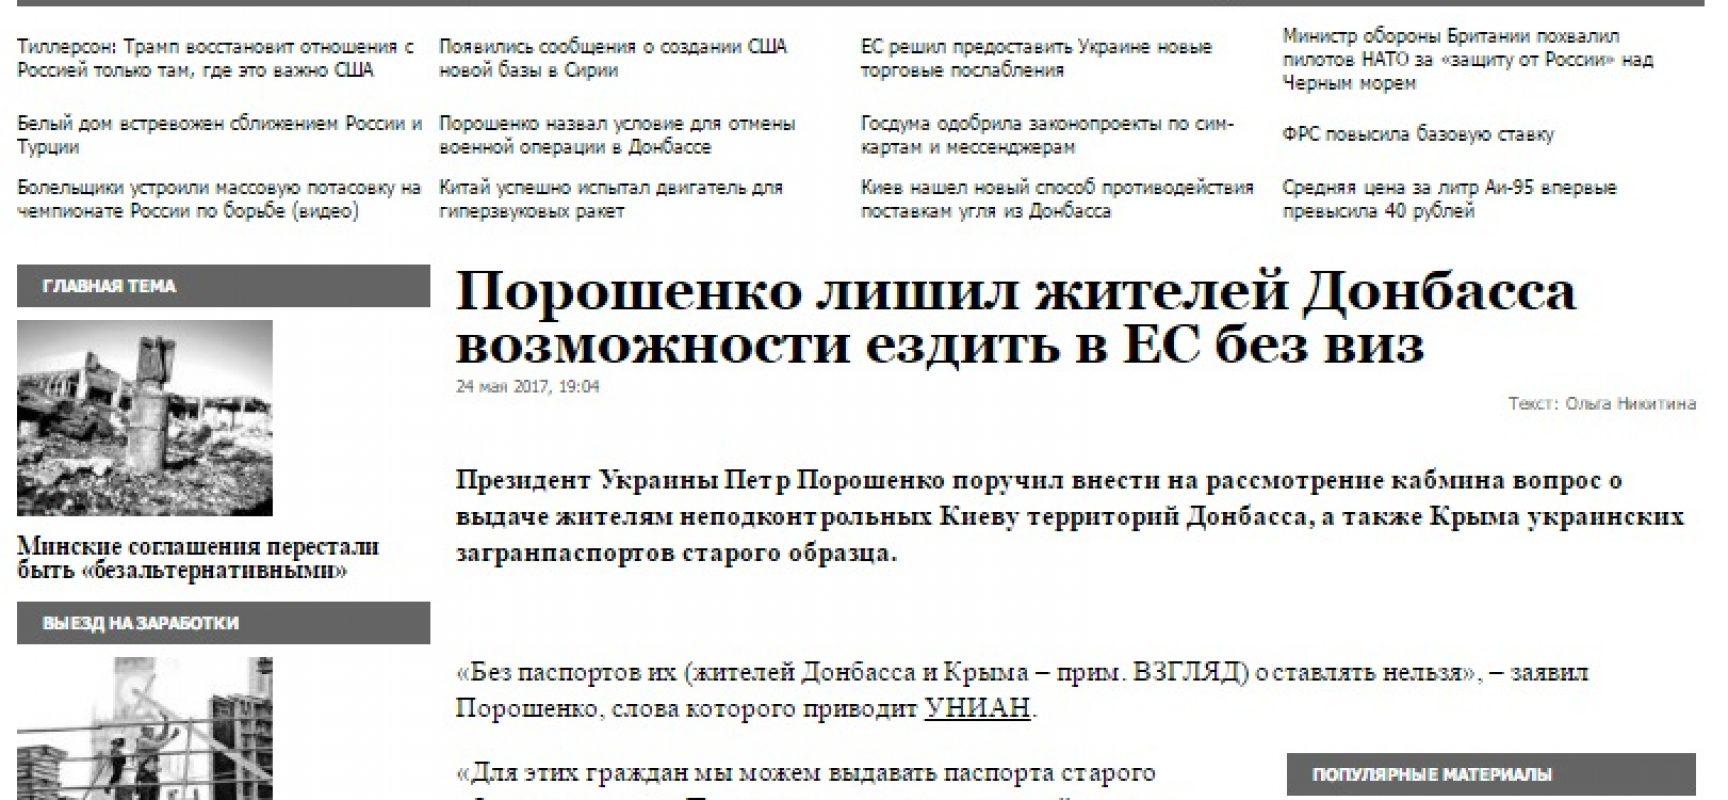 Fake: I cittadini della Crimea e del Donbass occupato non riceveranno i passaporti biometrici